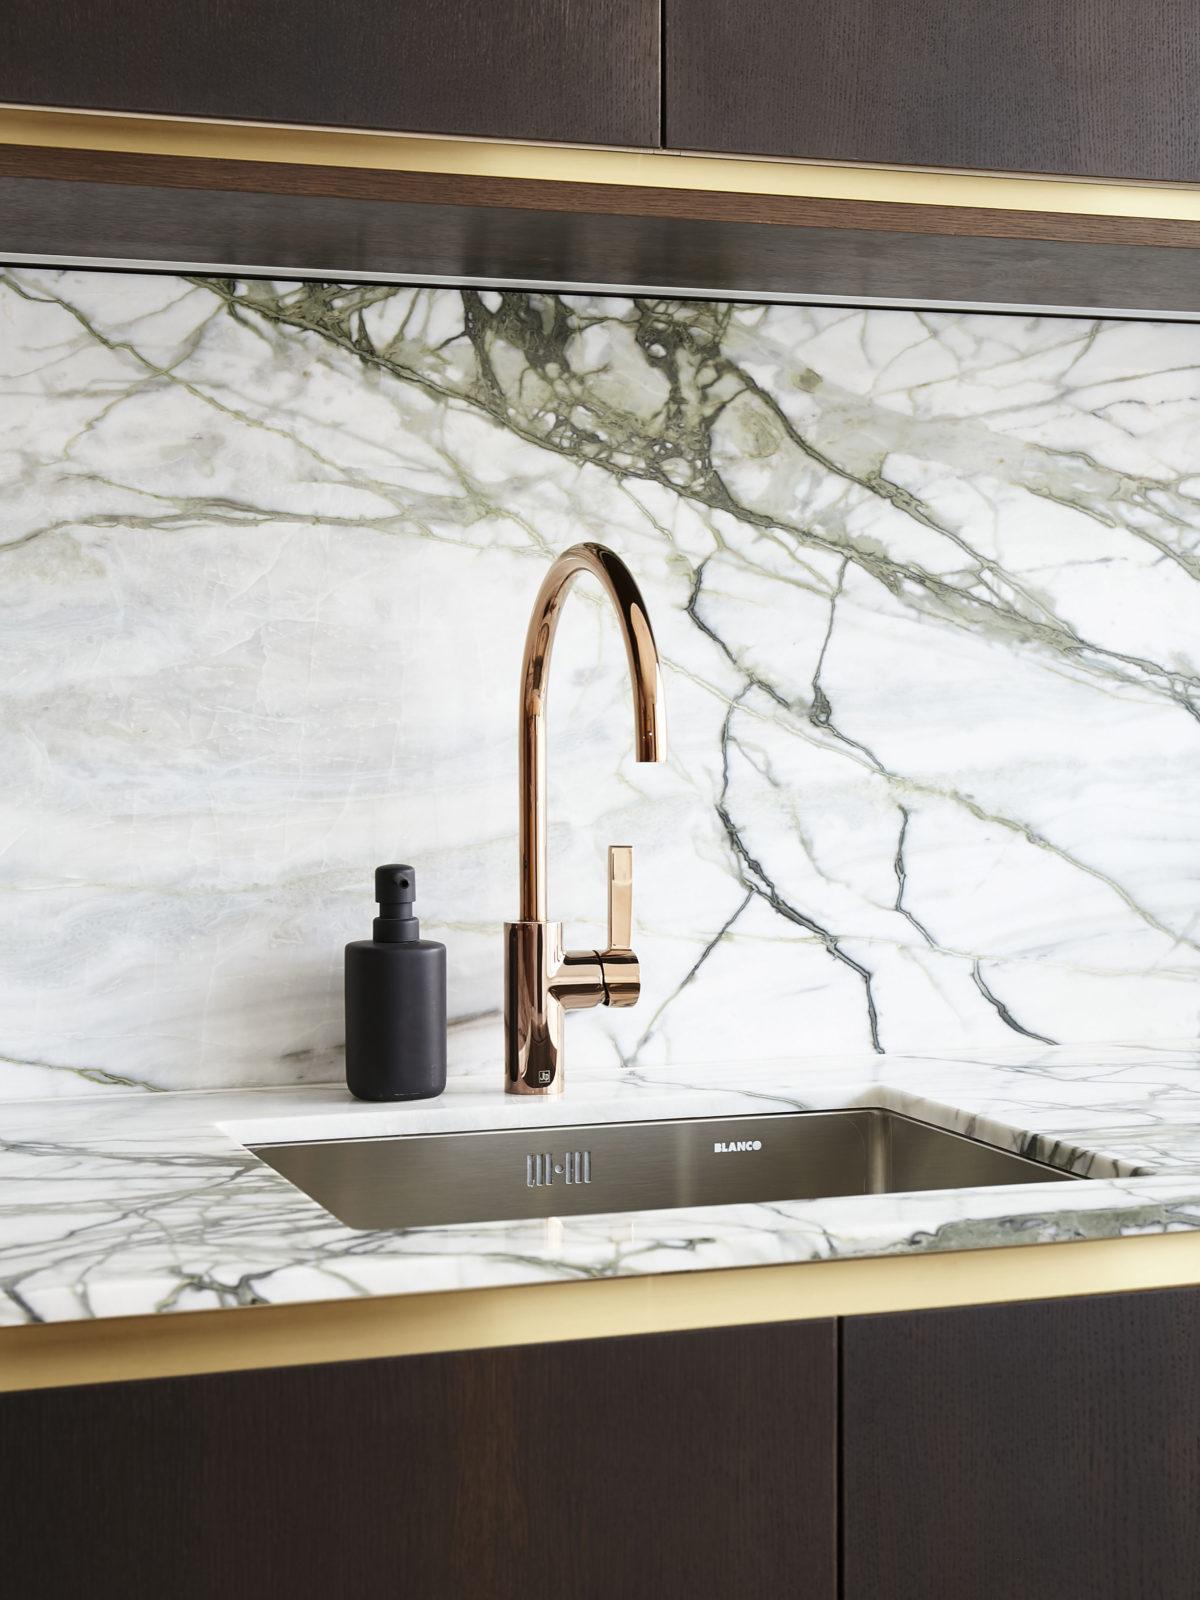 Calacatta marble worktop and splachback, dark wood kitchen cabinets and brass detailing